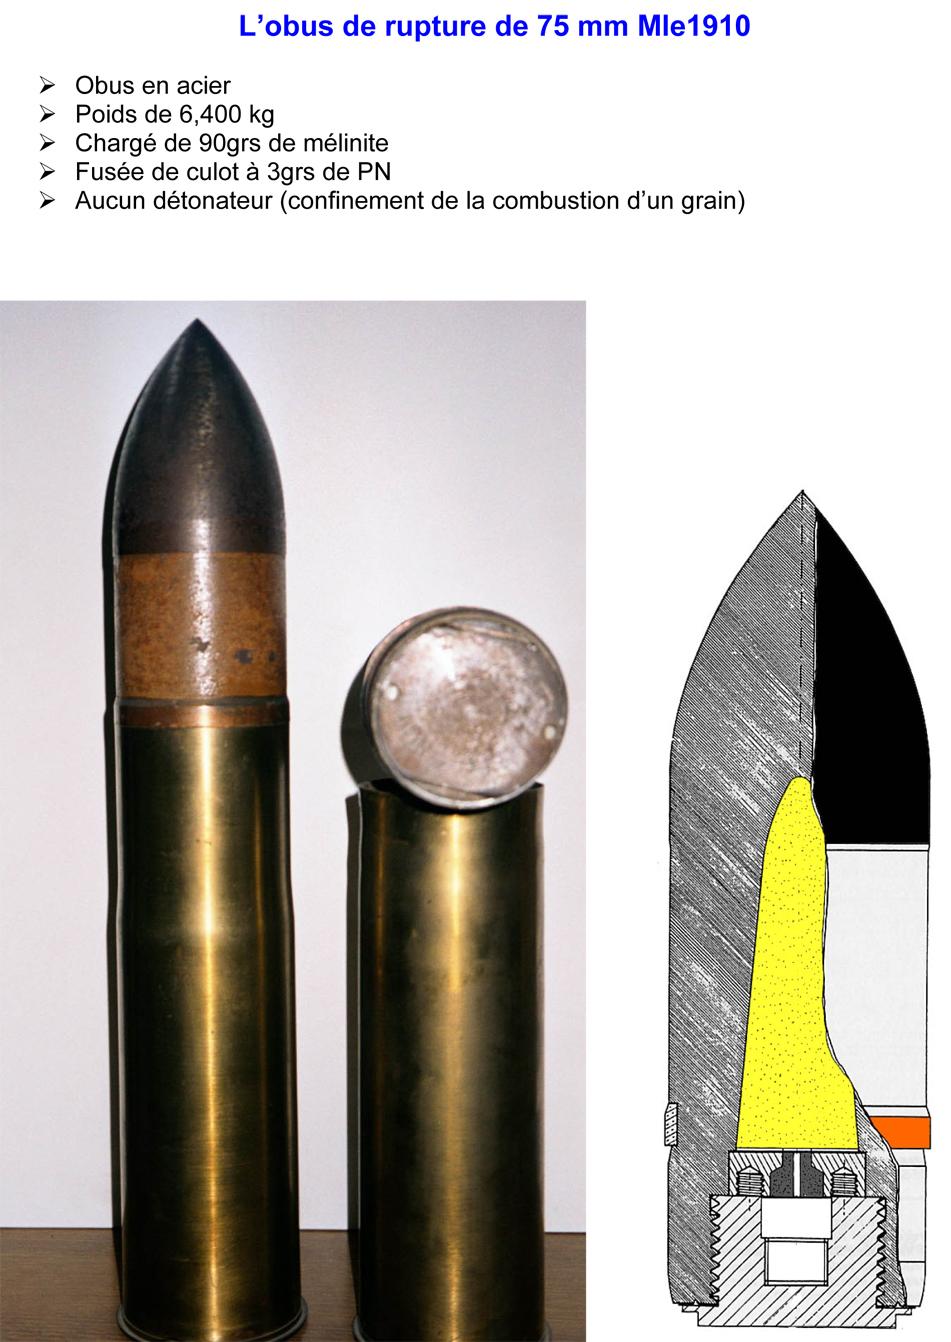 Obus de 75 de rupture Mle.1910 Artill11